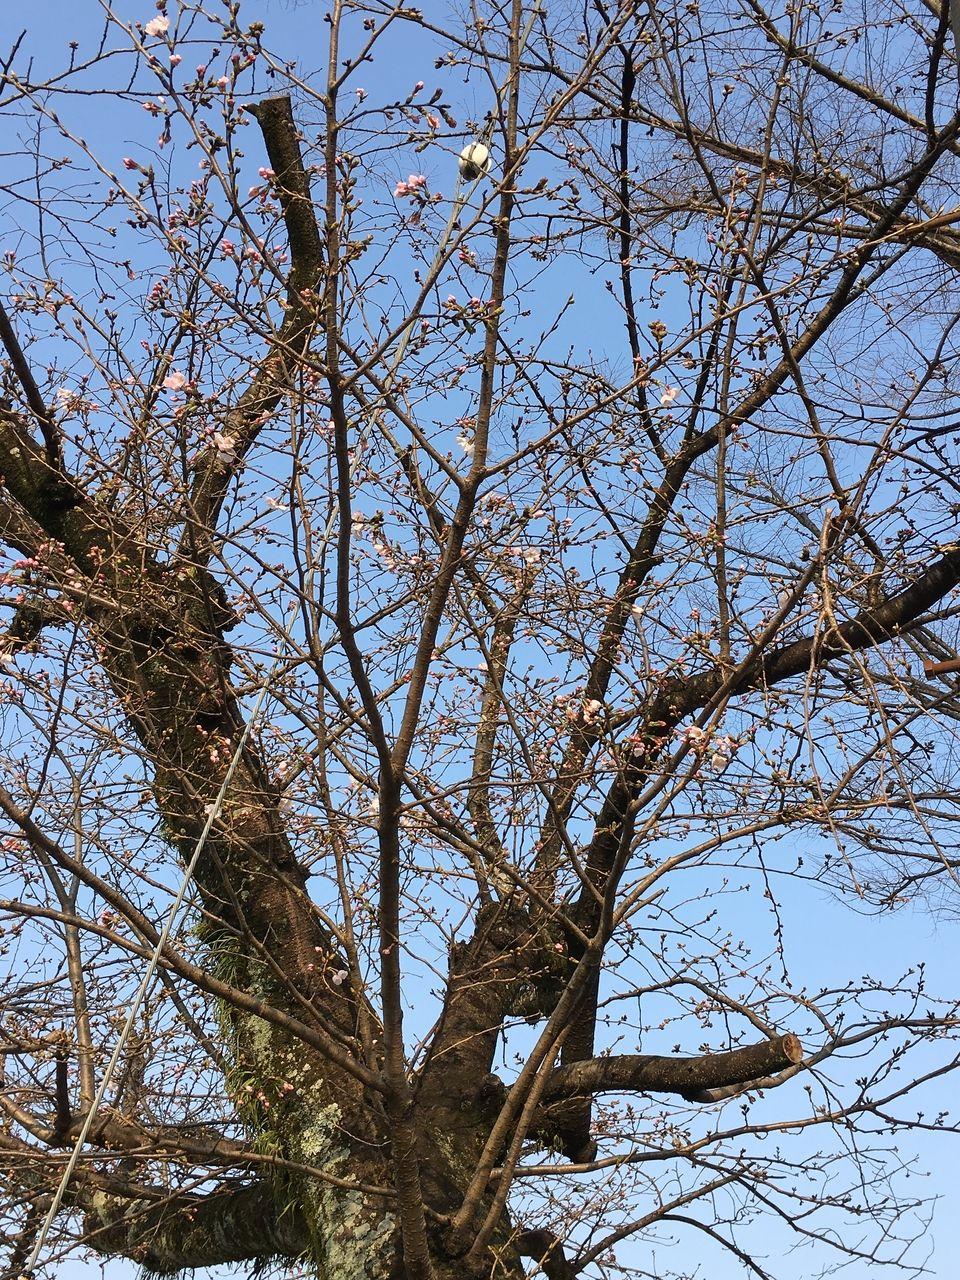 熊本市東区の沼山津公園の桜の蕾がほころびはじめました